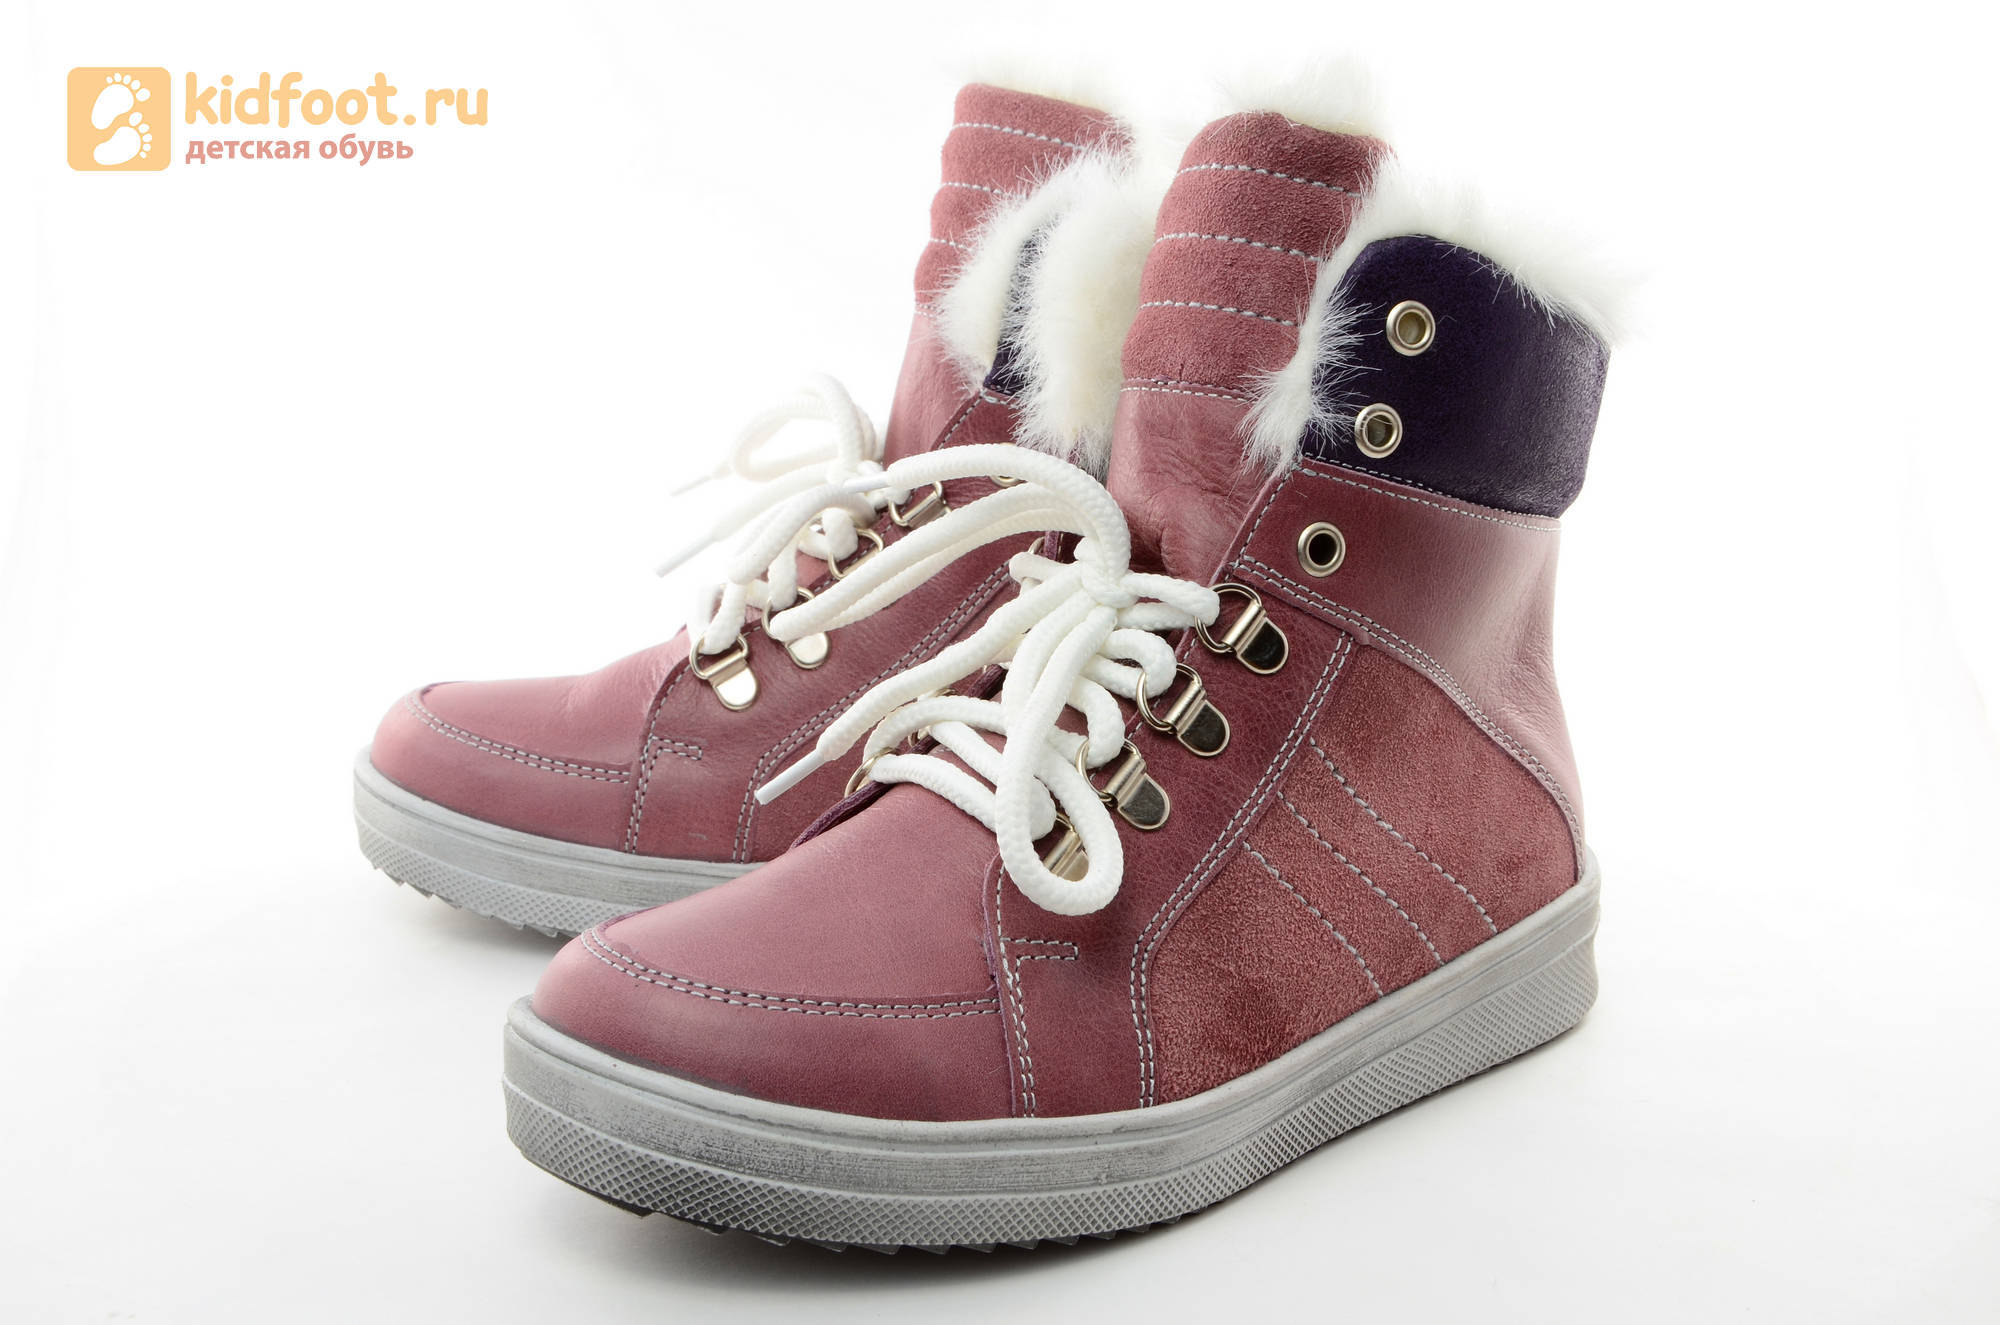 Зимние ботинки для девочек из натуральной кожи на меху Лель на молнии и шнурках, цвет ириc